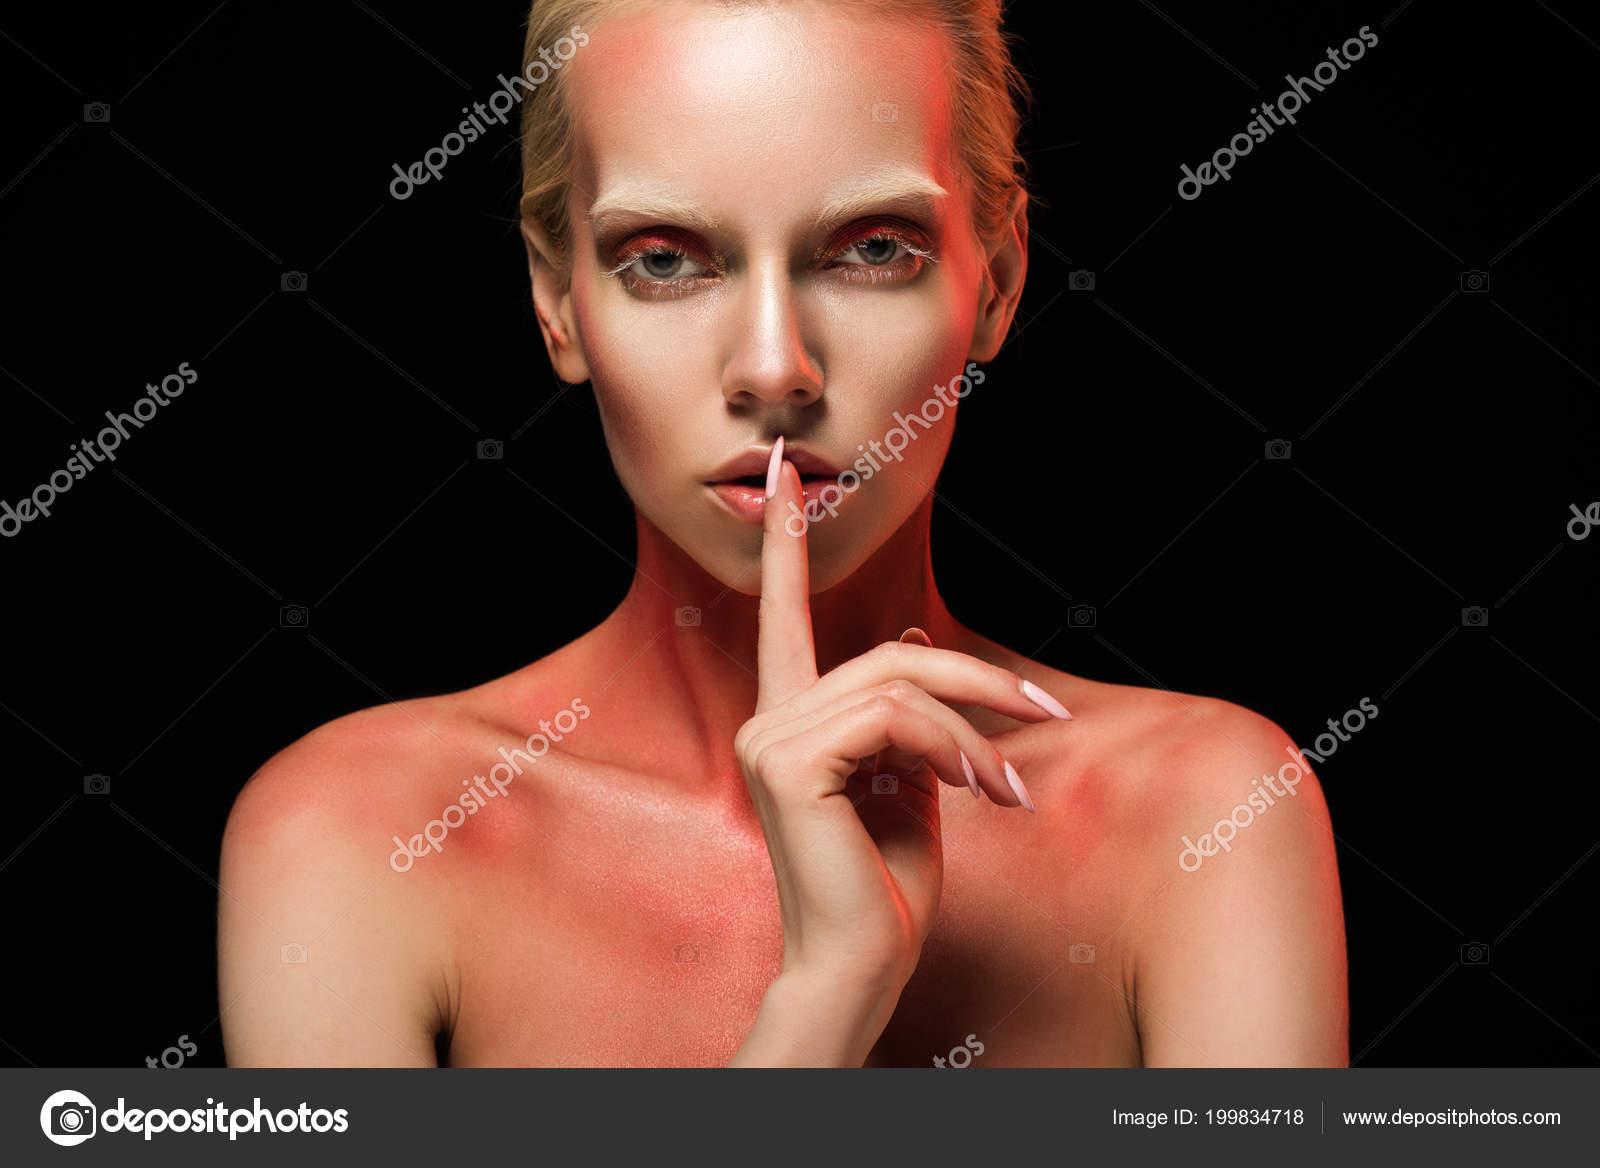 κόκκινος σωλήνας λεσβιακό πορνό